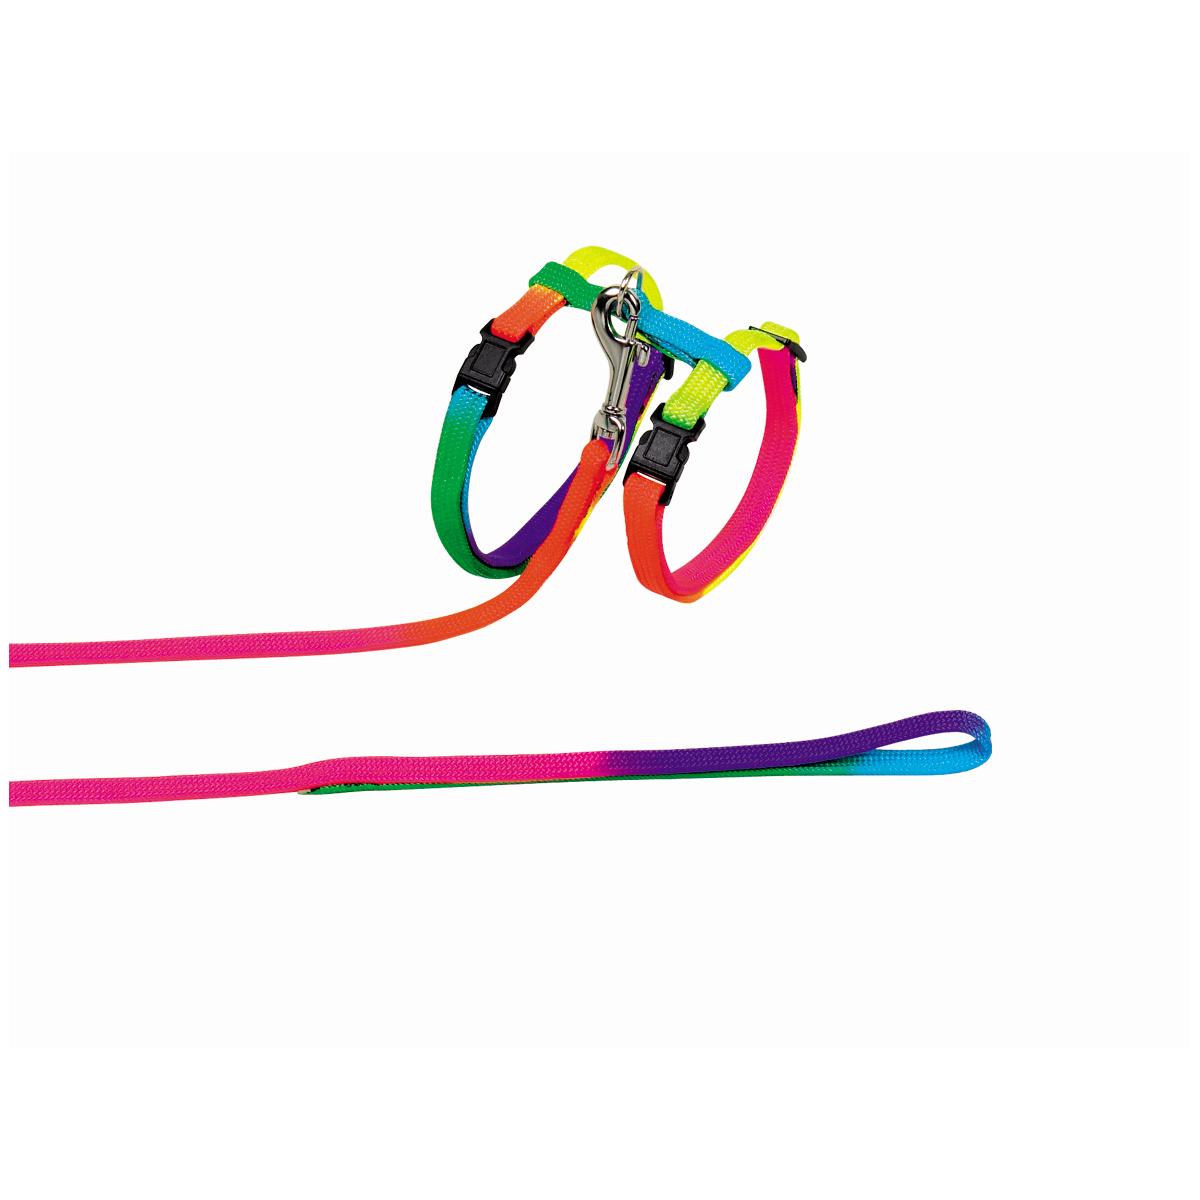 Tuig met lijn rainbow mix